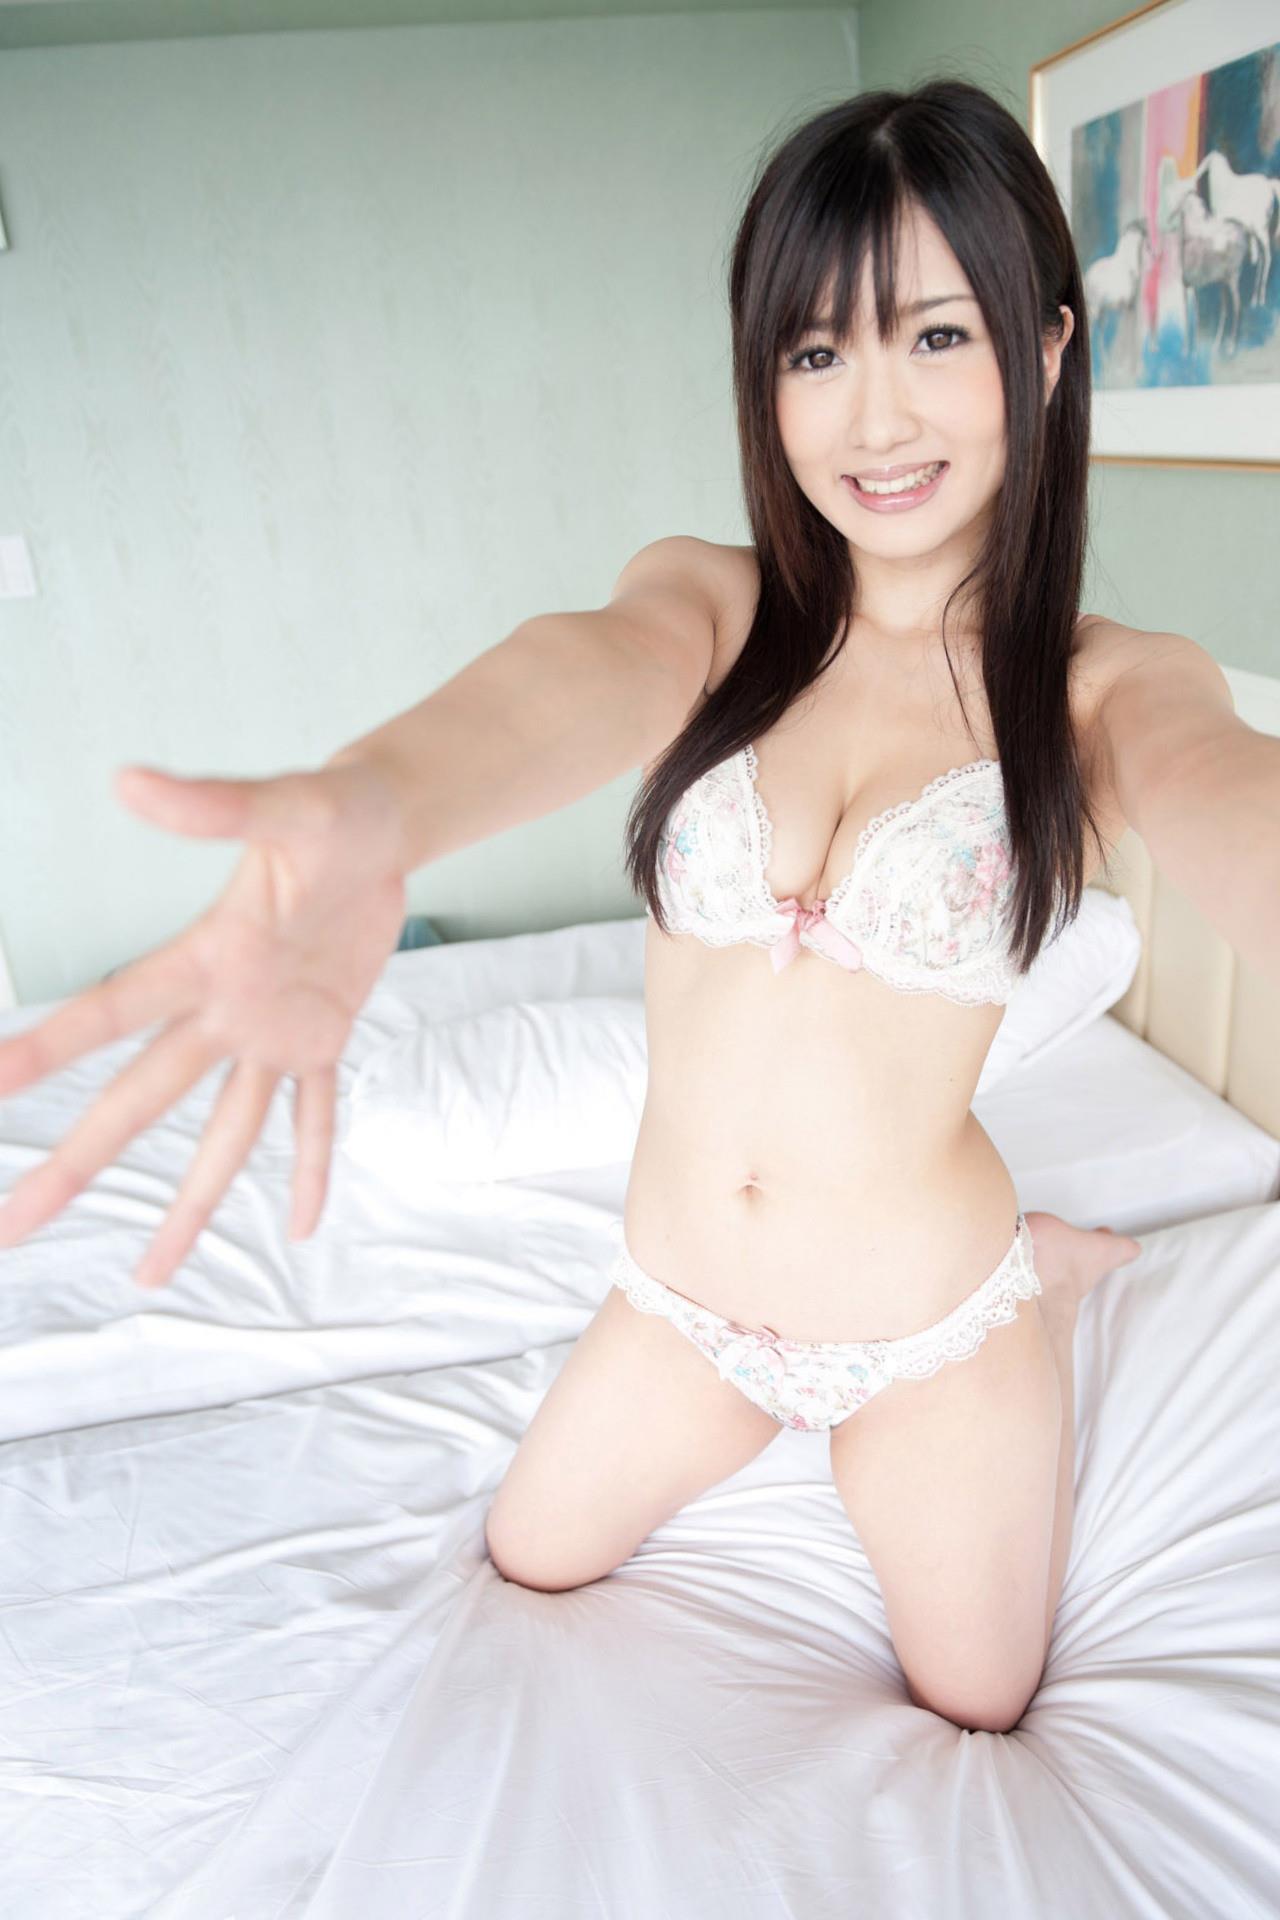 大槻ひびき セックス画像 25